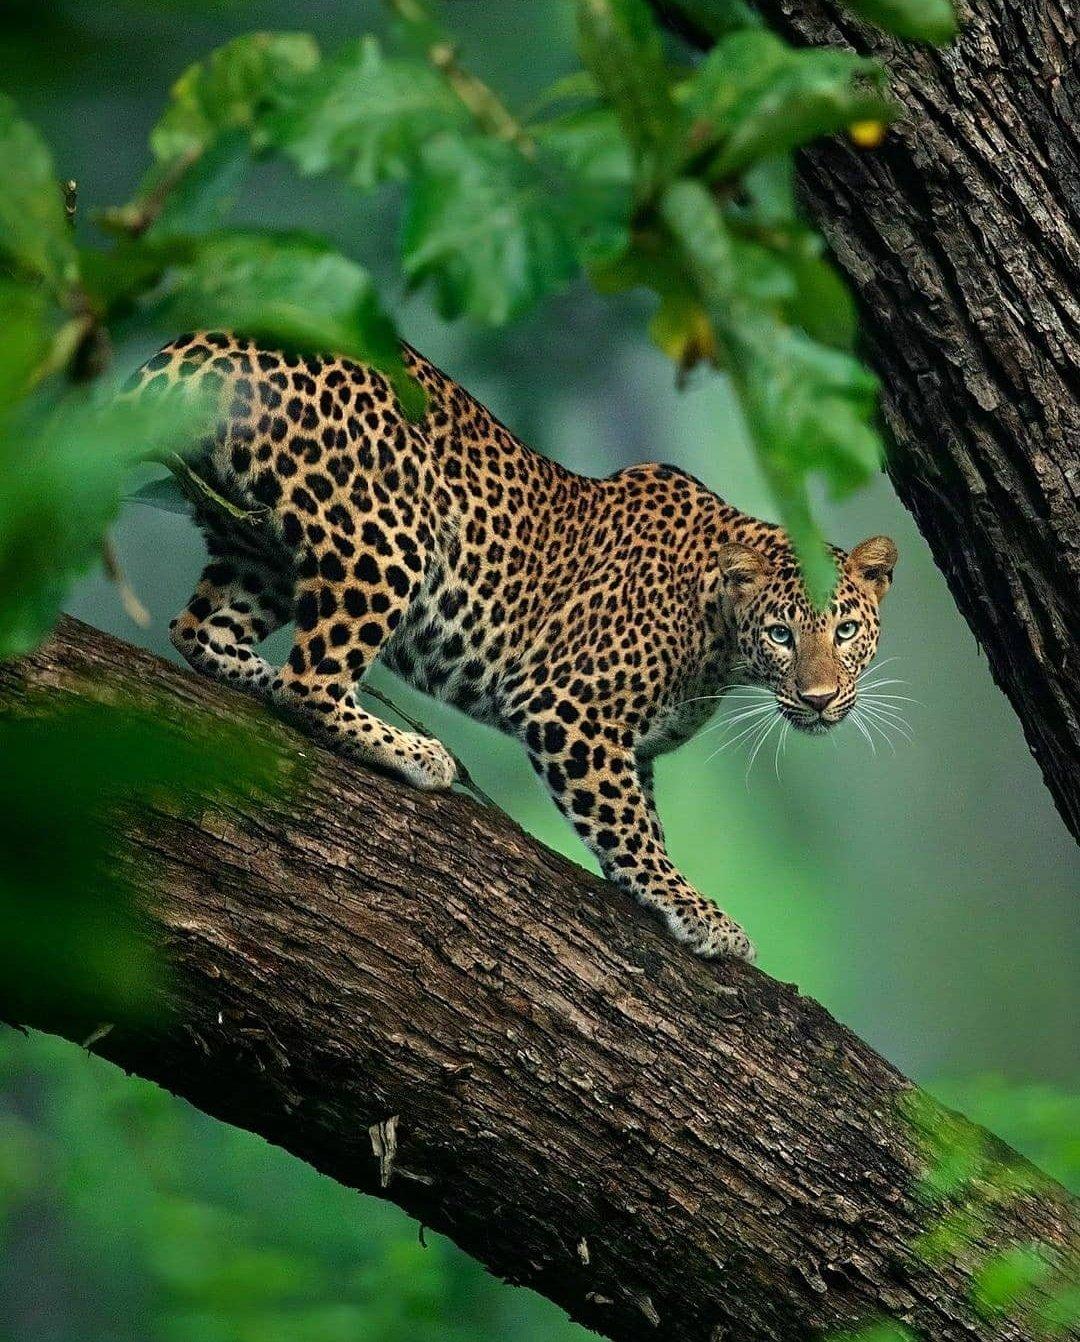 Kabini Forest, Karnataka......🐆🇮🇳🐆 https://t.co/N4nLYeVAcC